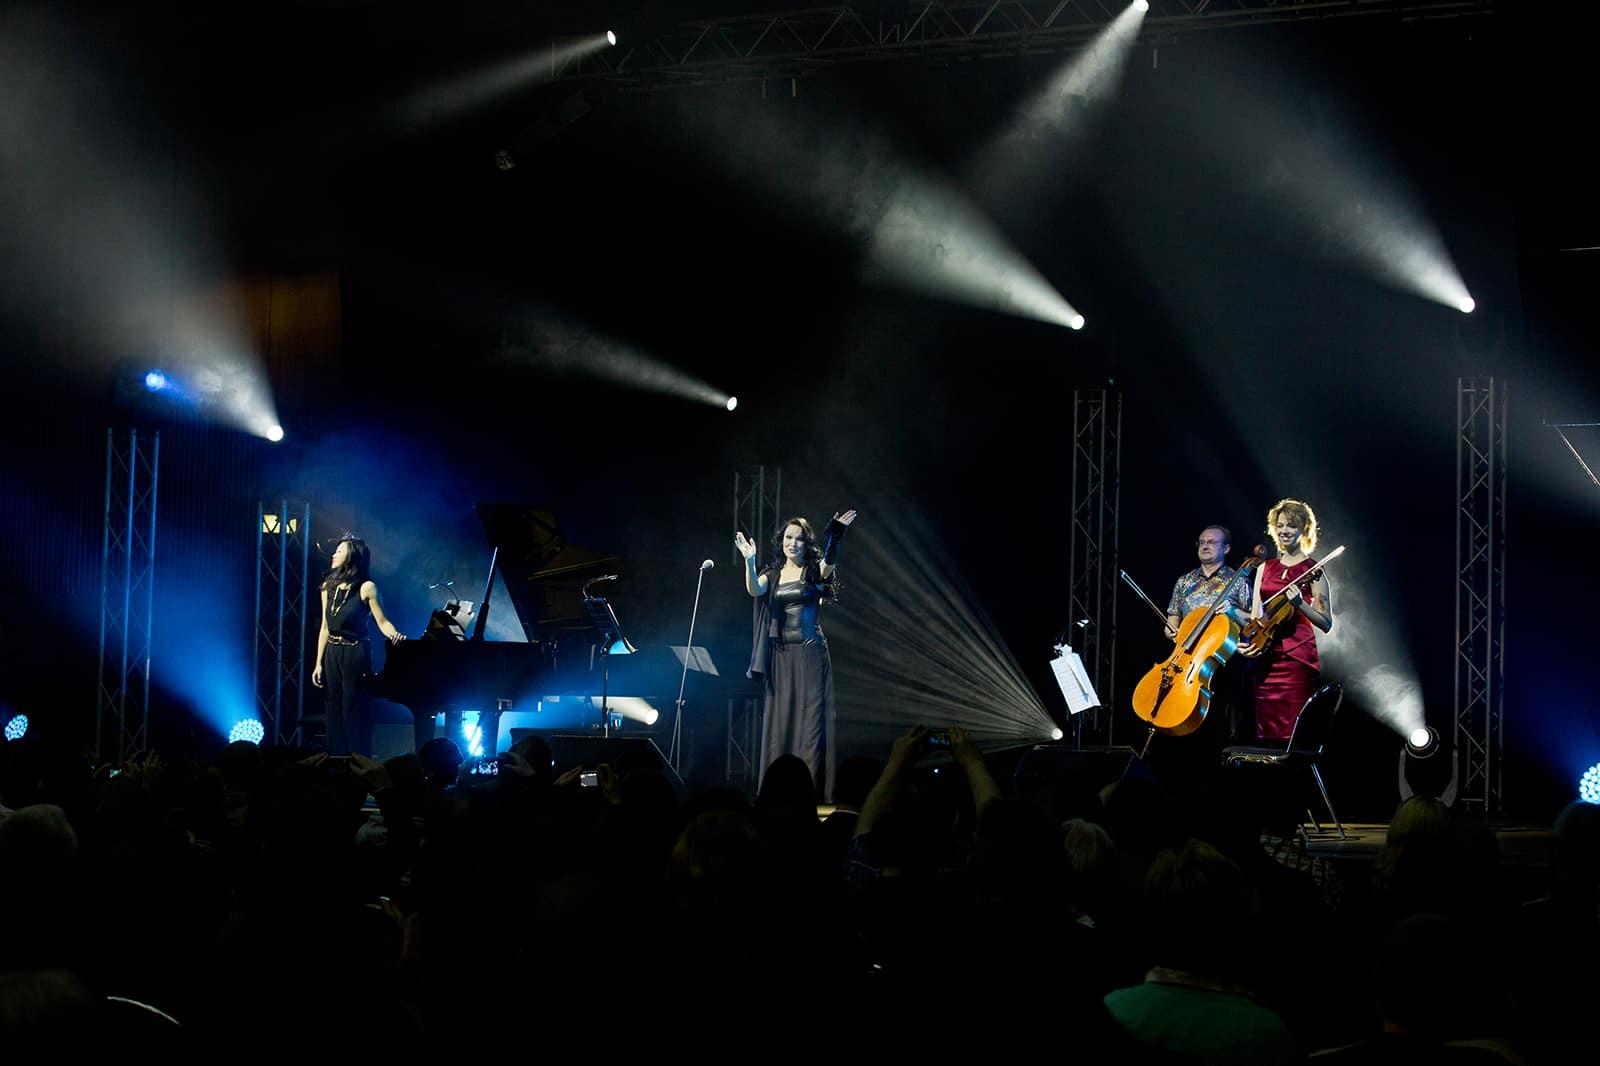 Tarja Turunen - Christmas in the Heart